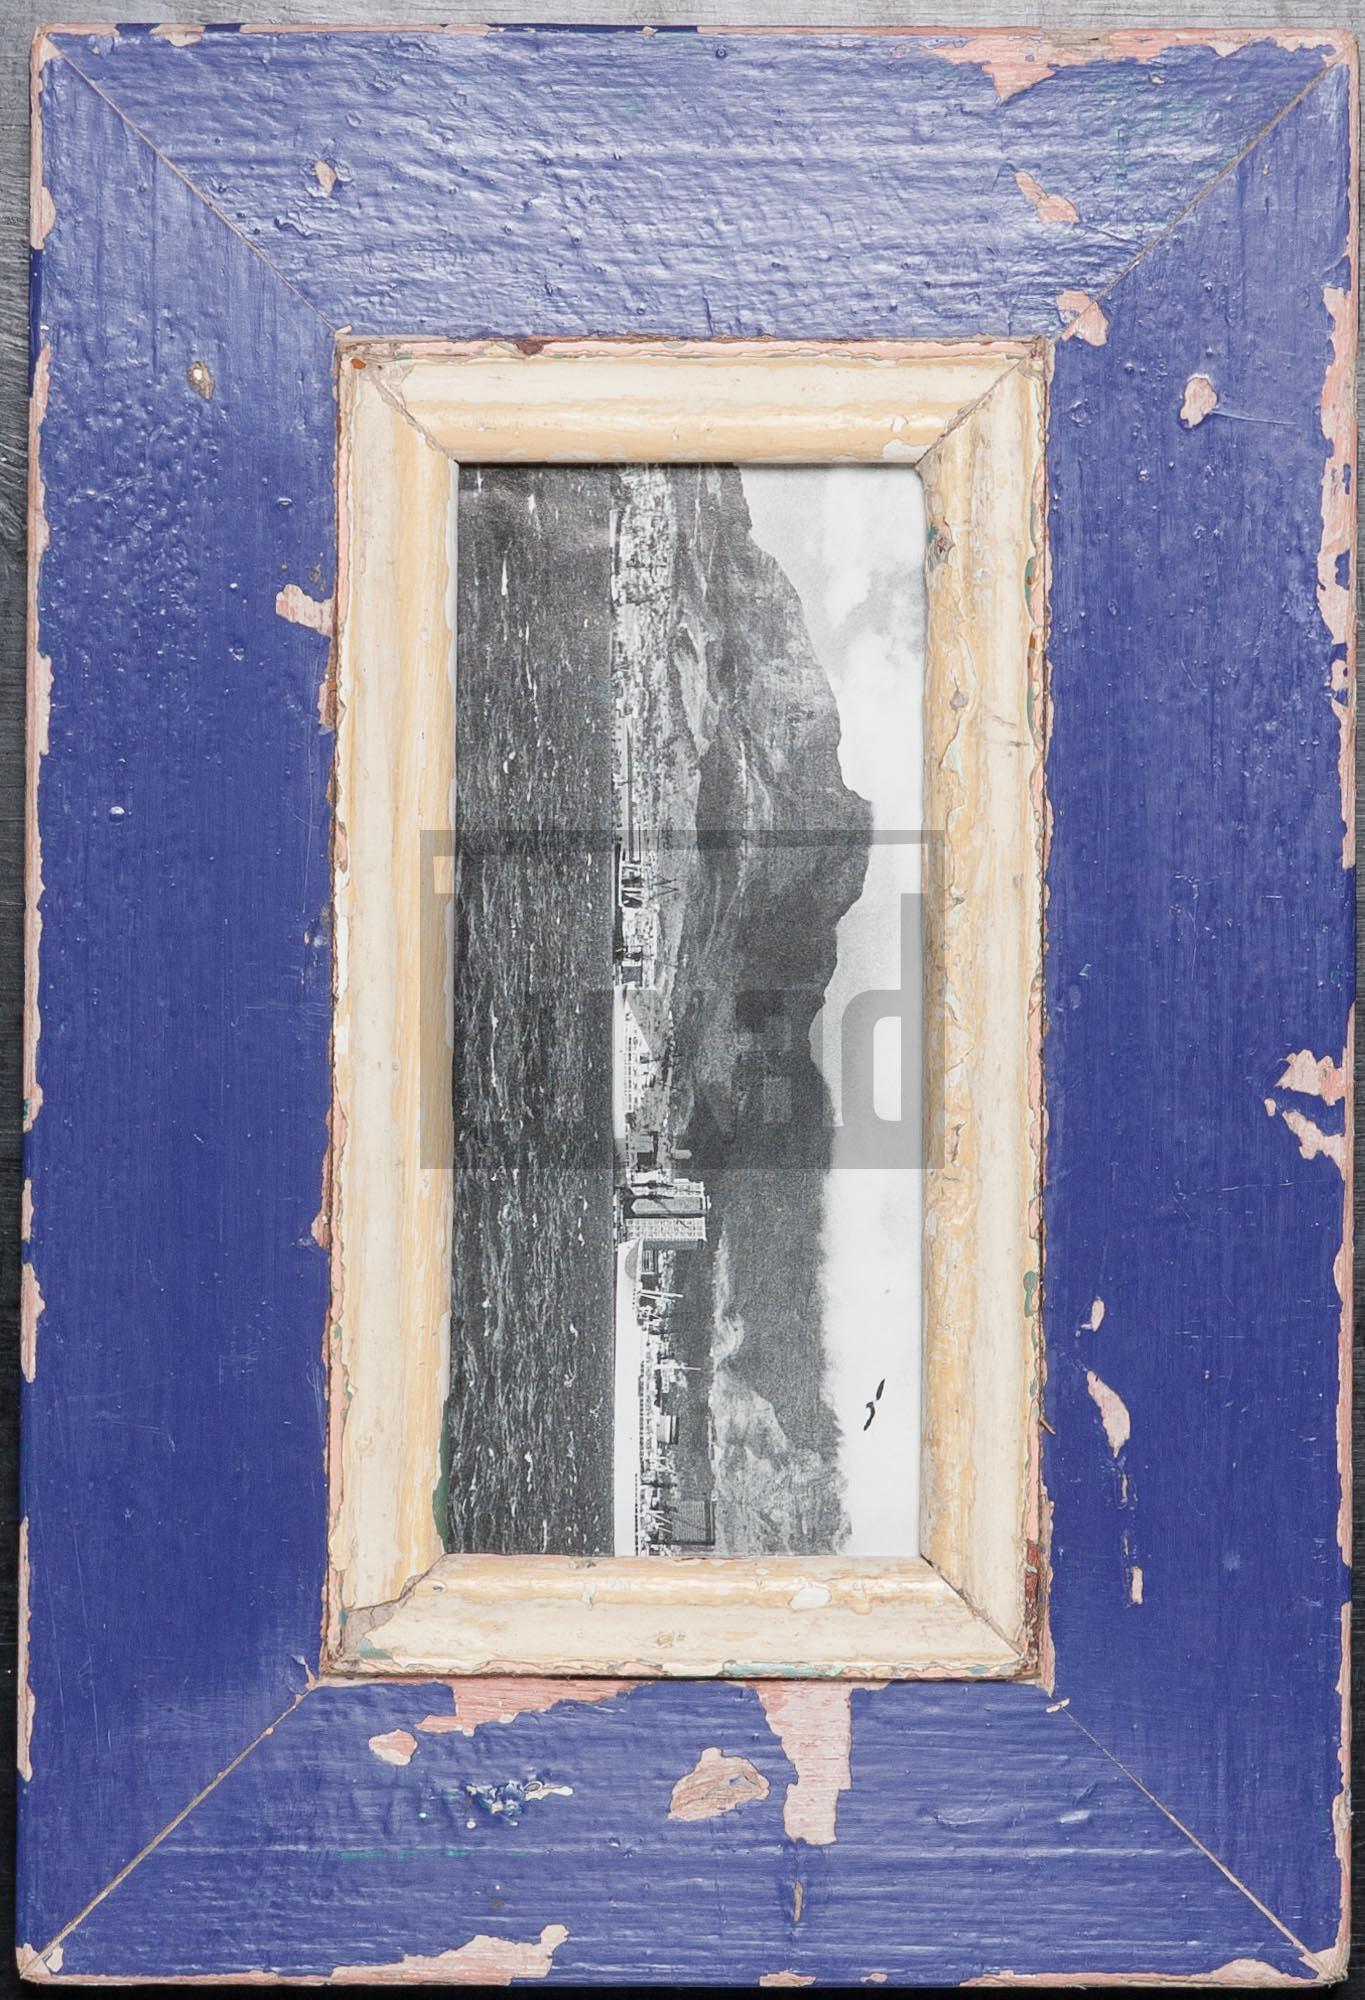 Blauer Altholz-Panorama-Bilderrahmen von Luna Designs